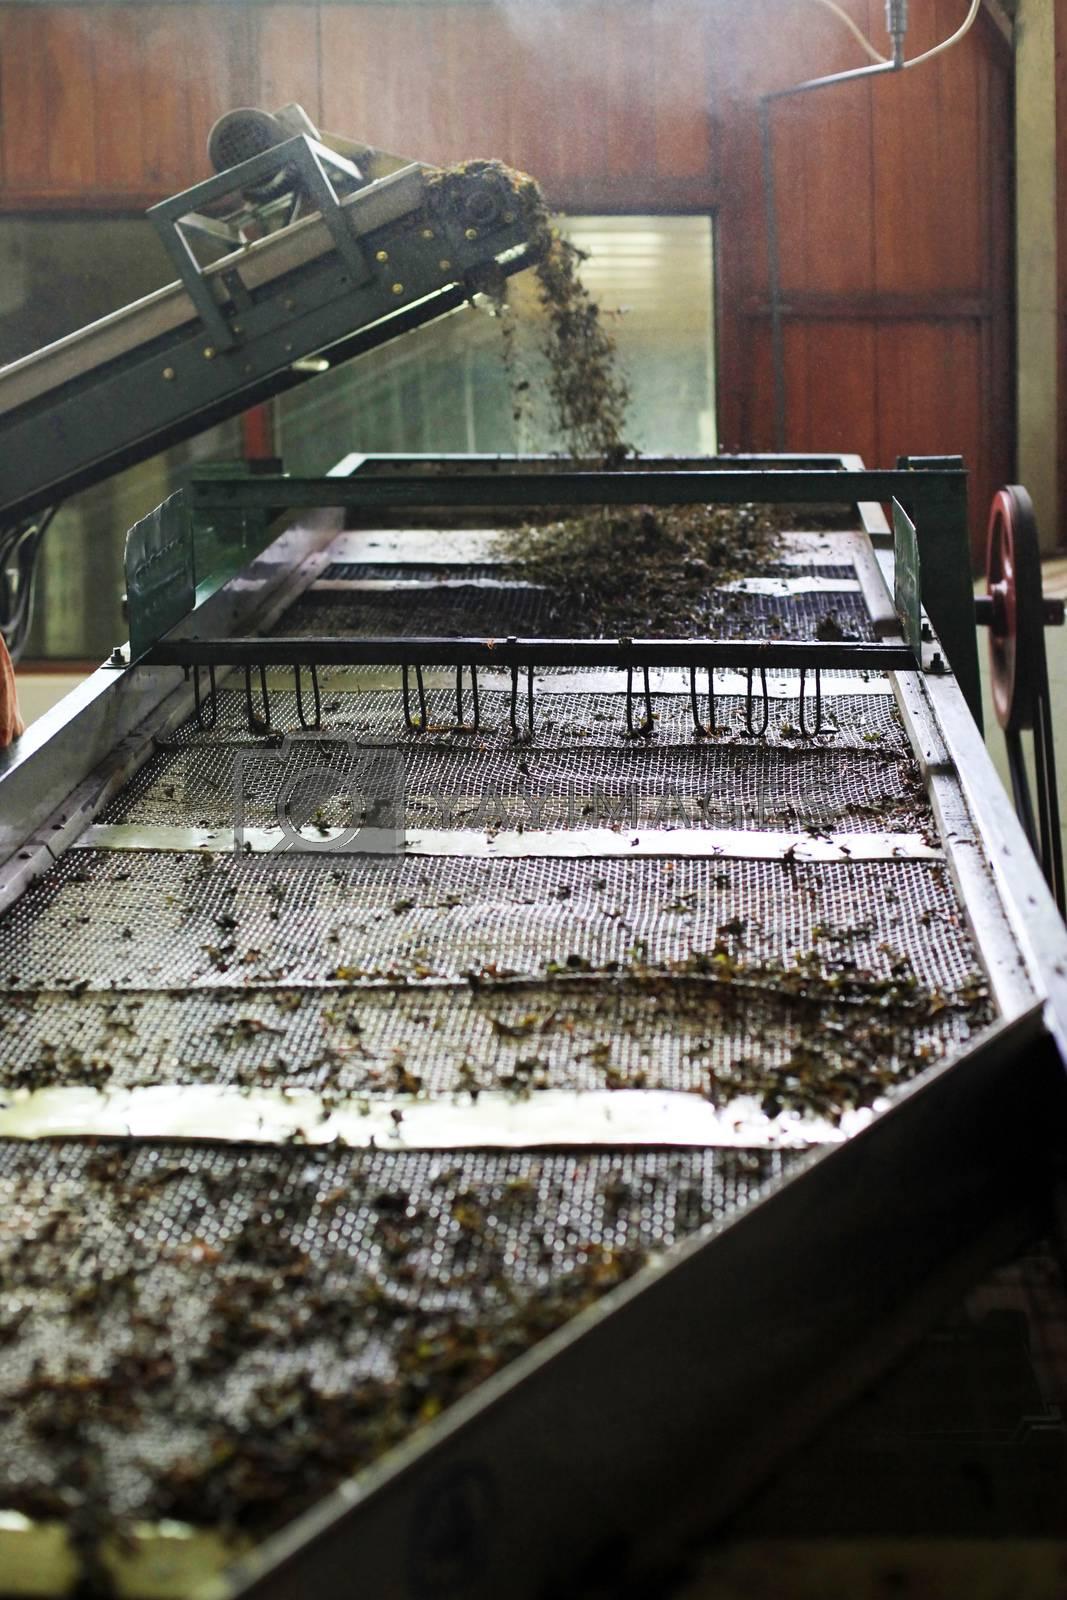 Ceylon Tea Factory on Sri Lanka